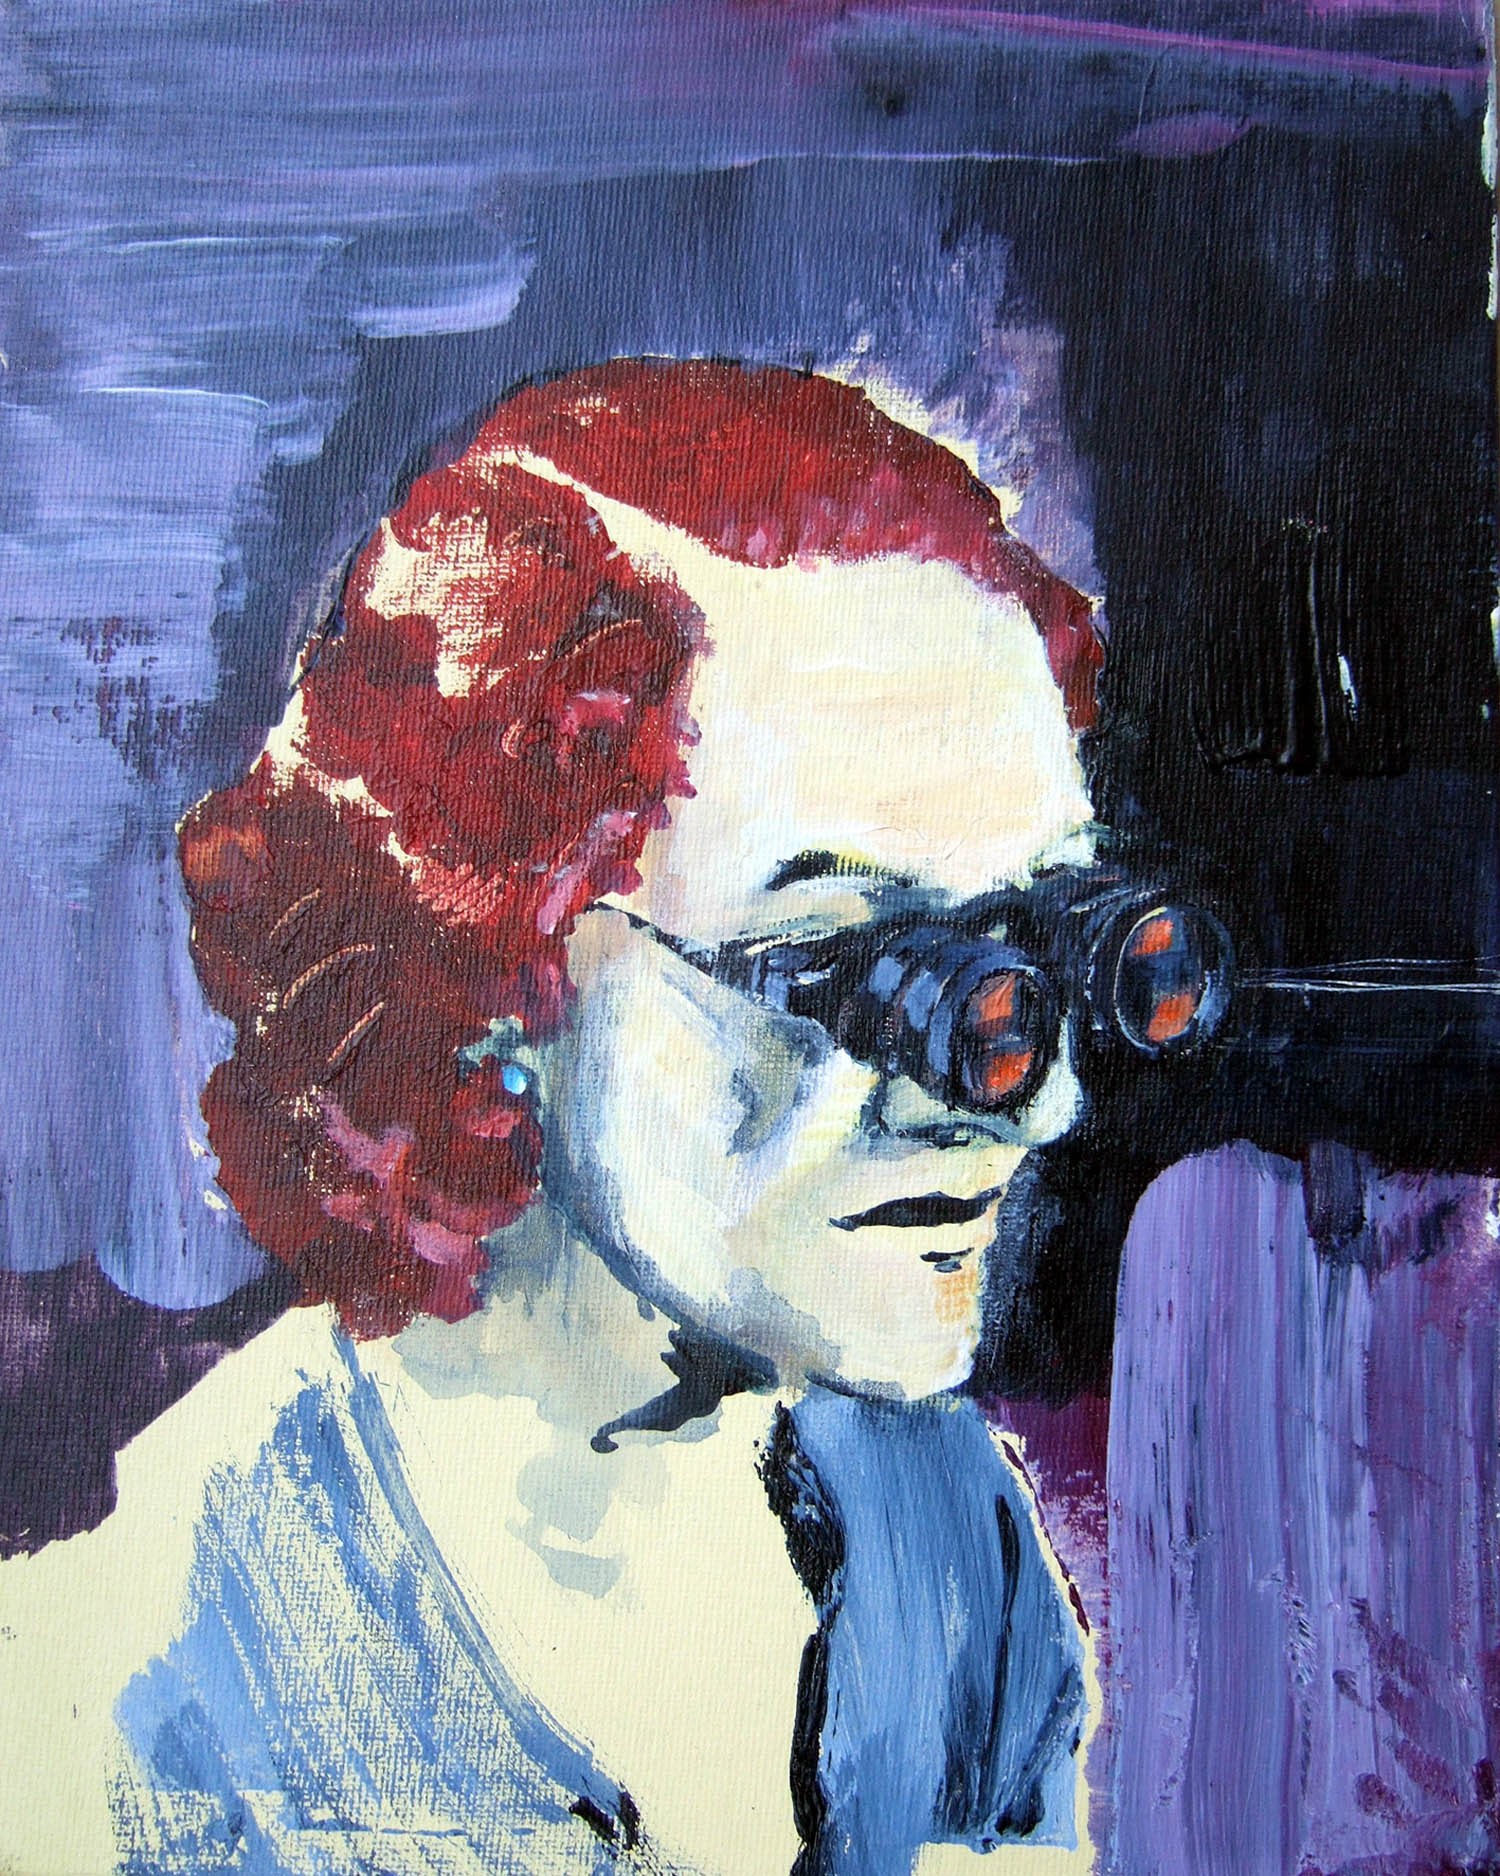 Foresight (2010), acrylic on canvas, 25.4 x 20.3cm